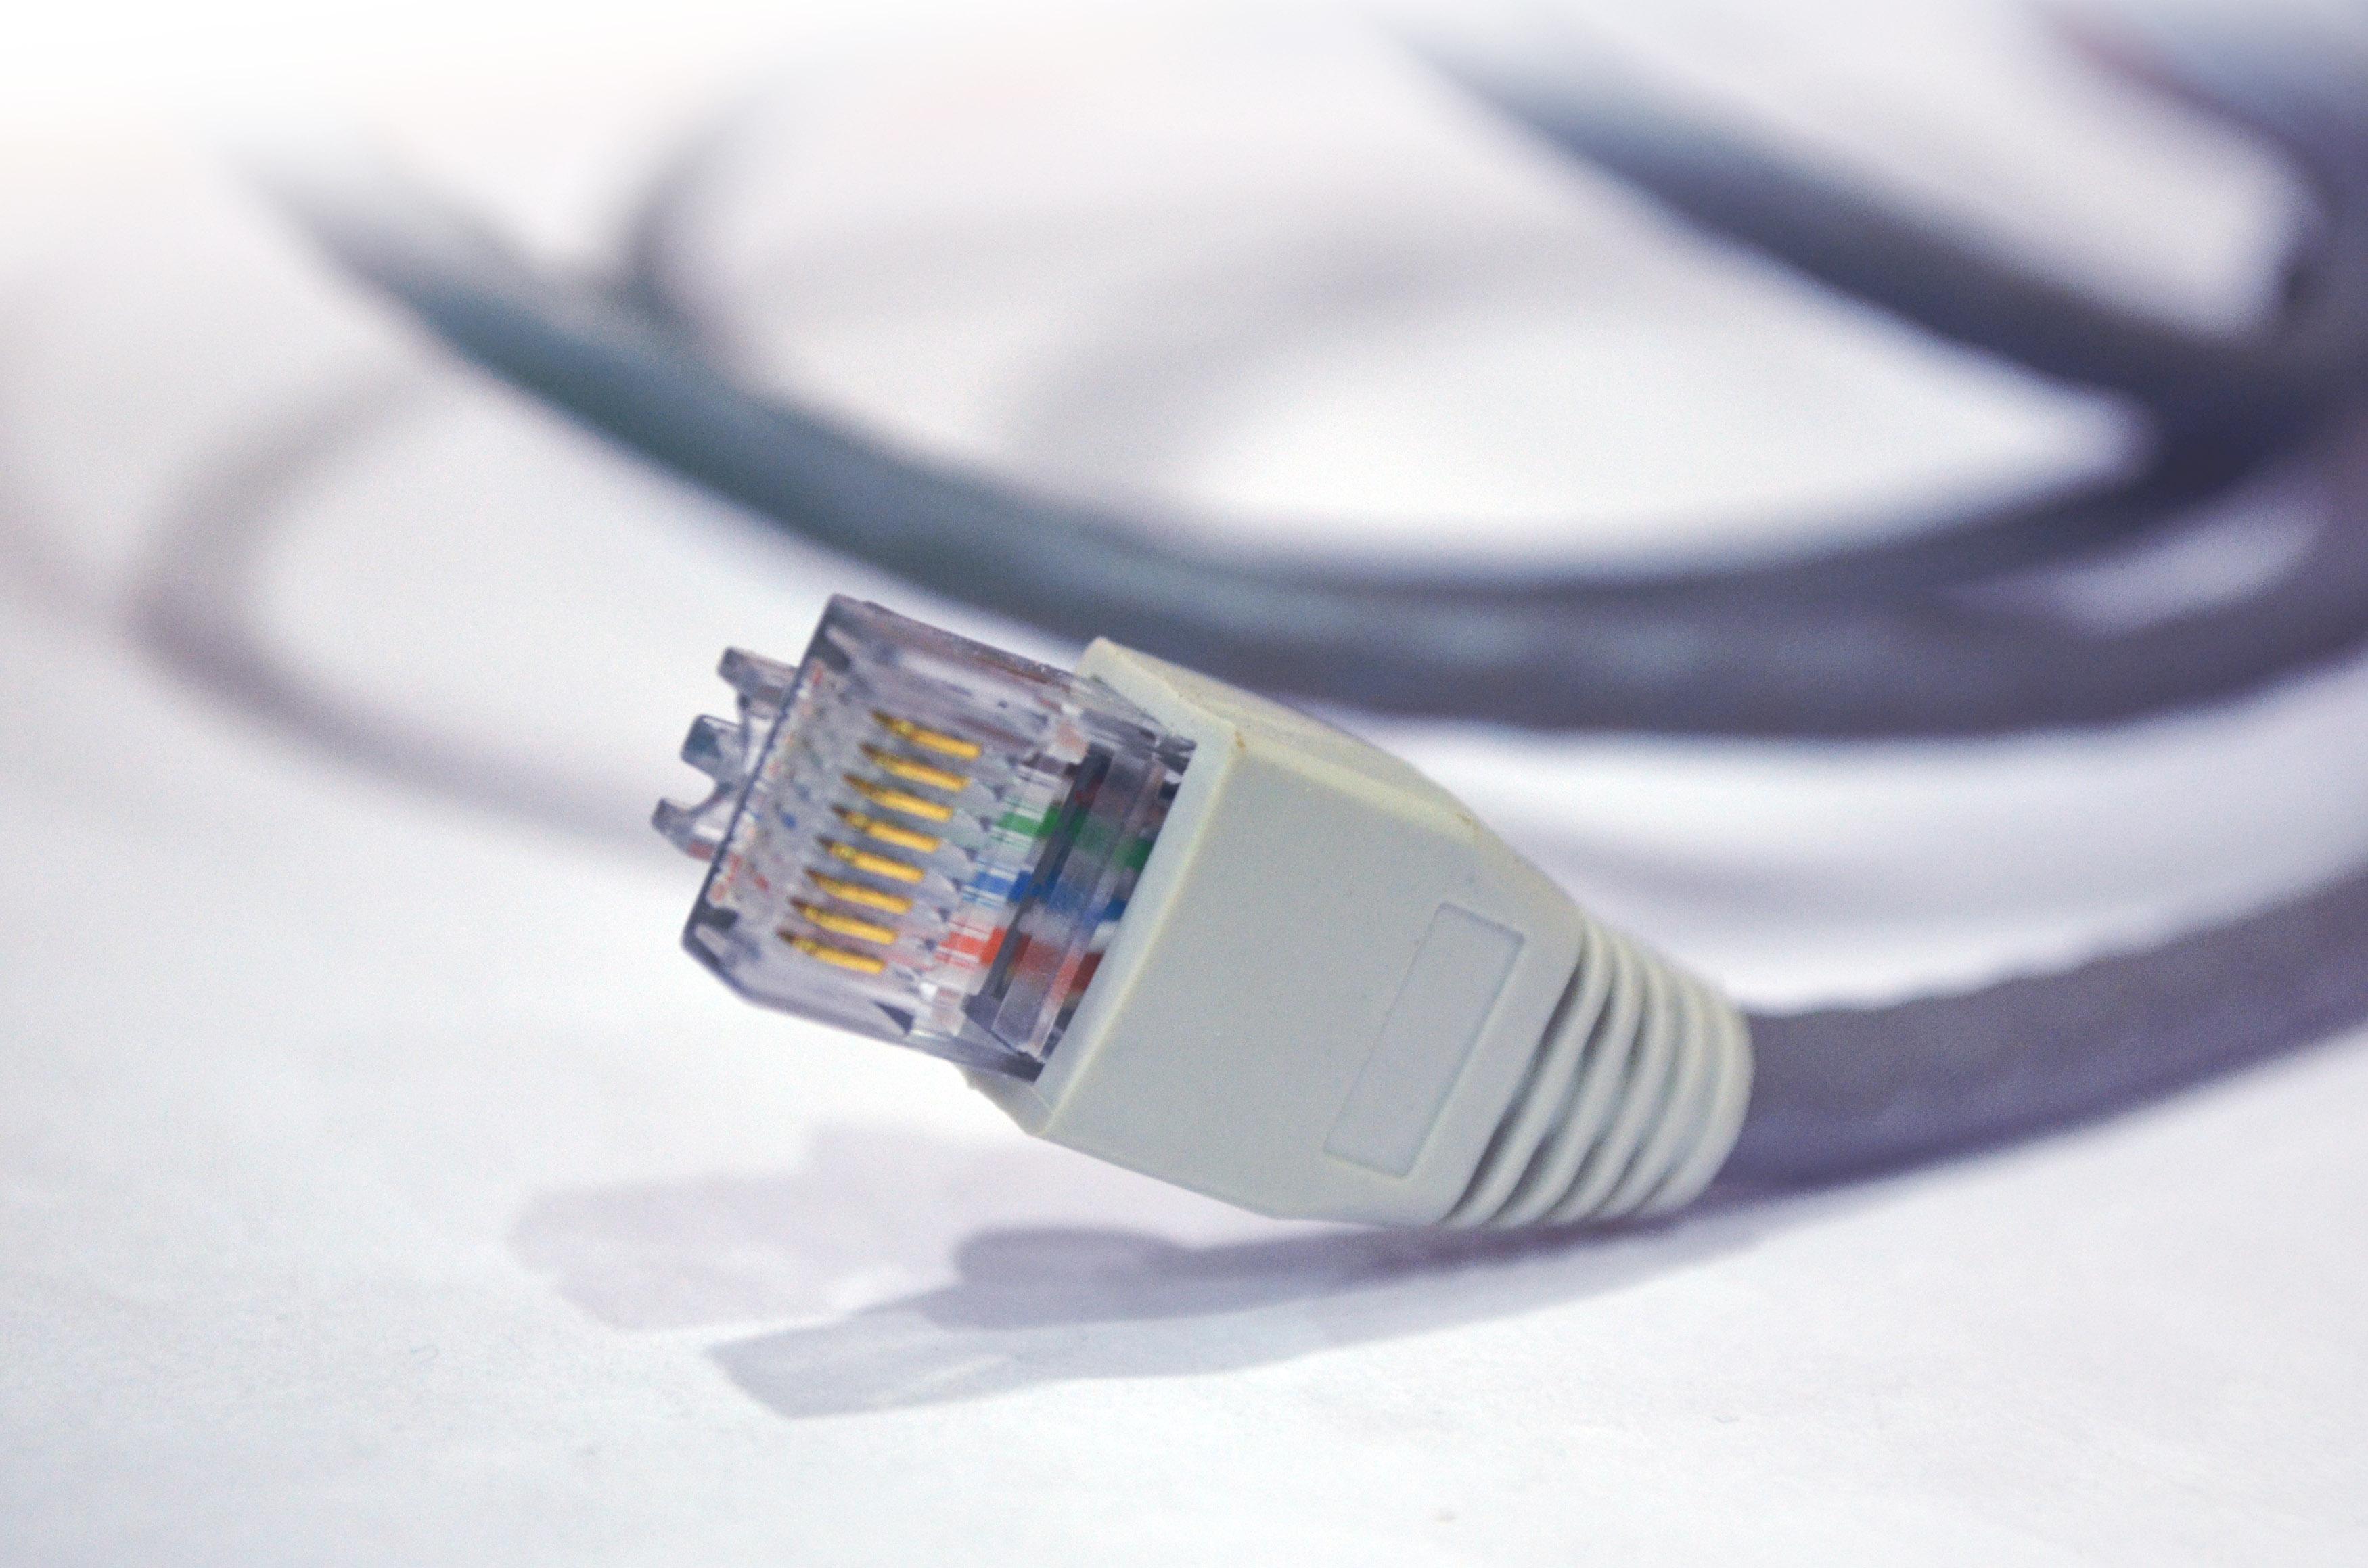 Installazione reti internet Rho